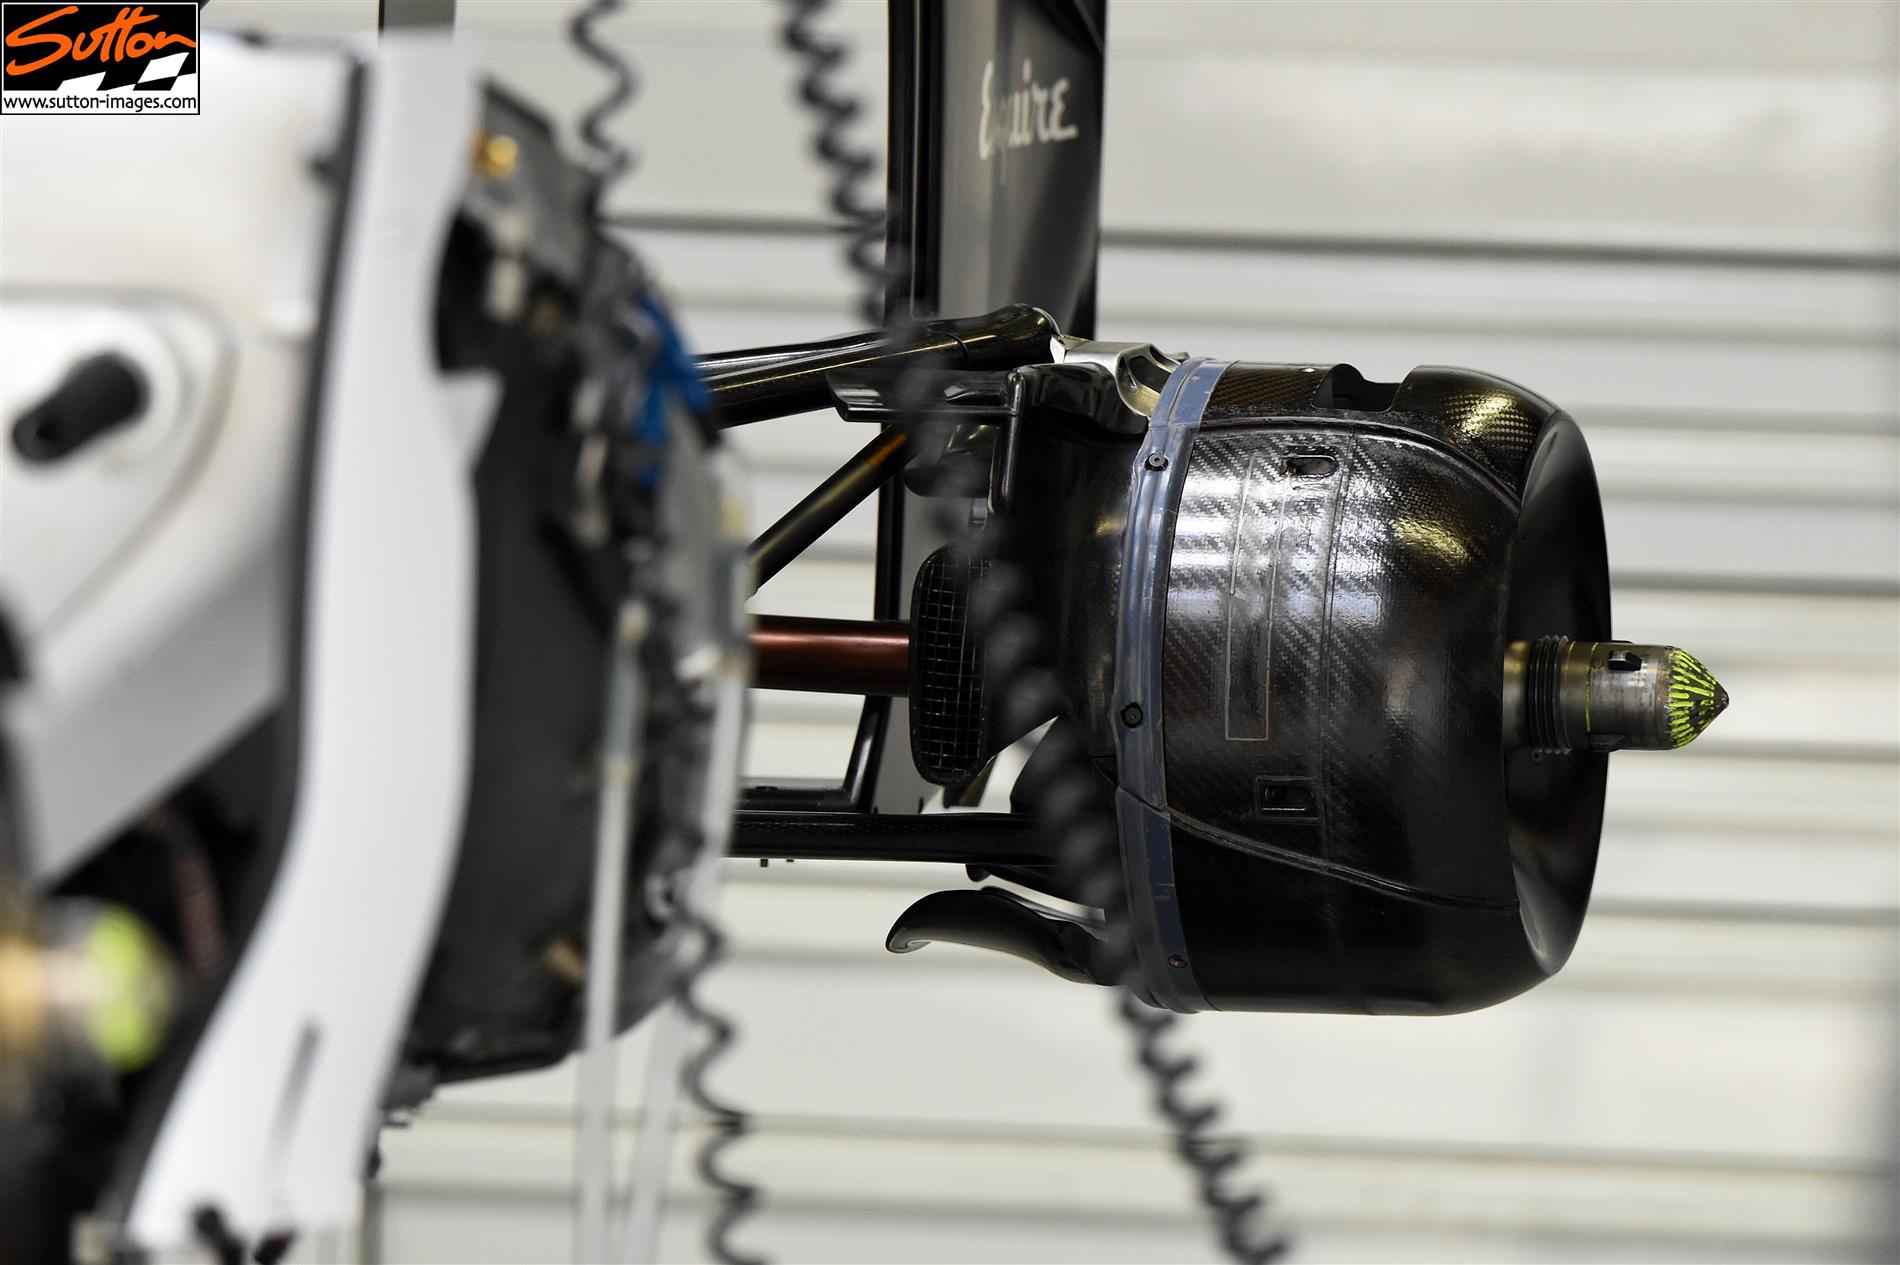 fw36-brakes